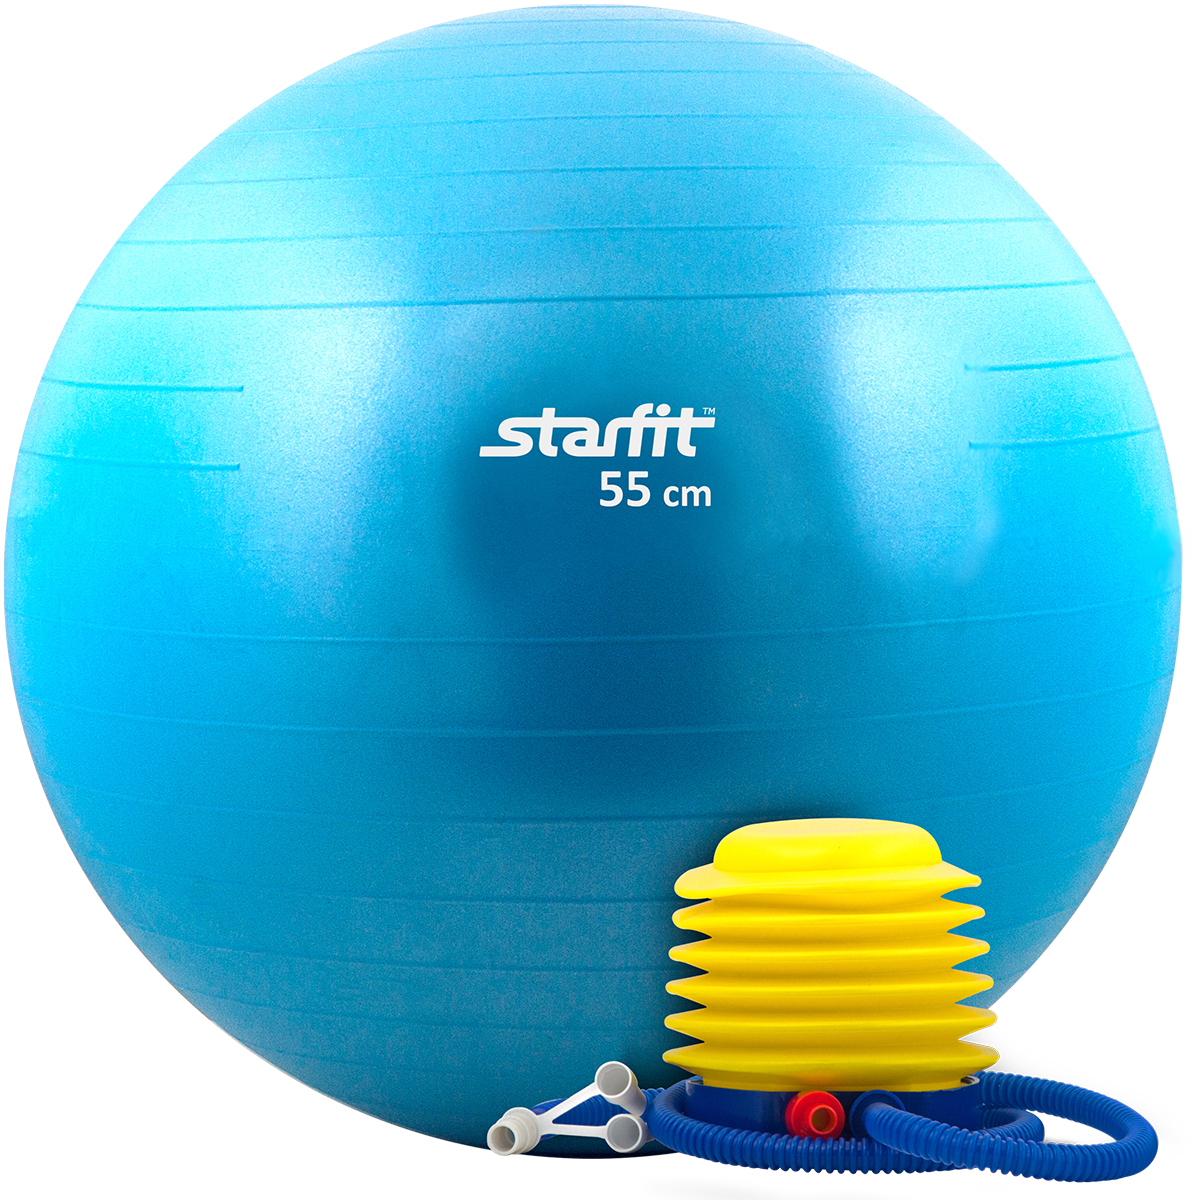 Мяч гимнастический Starfit, антивзрыв, с насосом, цвет: синий, диаметр 55 см эспандеры starfit эспандер starfit es 702 power twister черный 50 кг